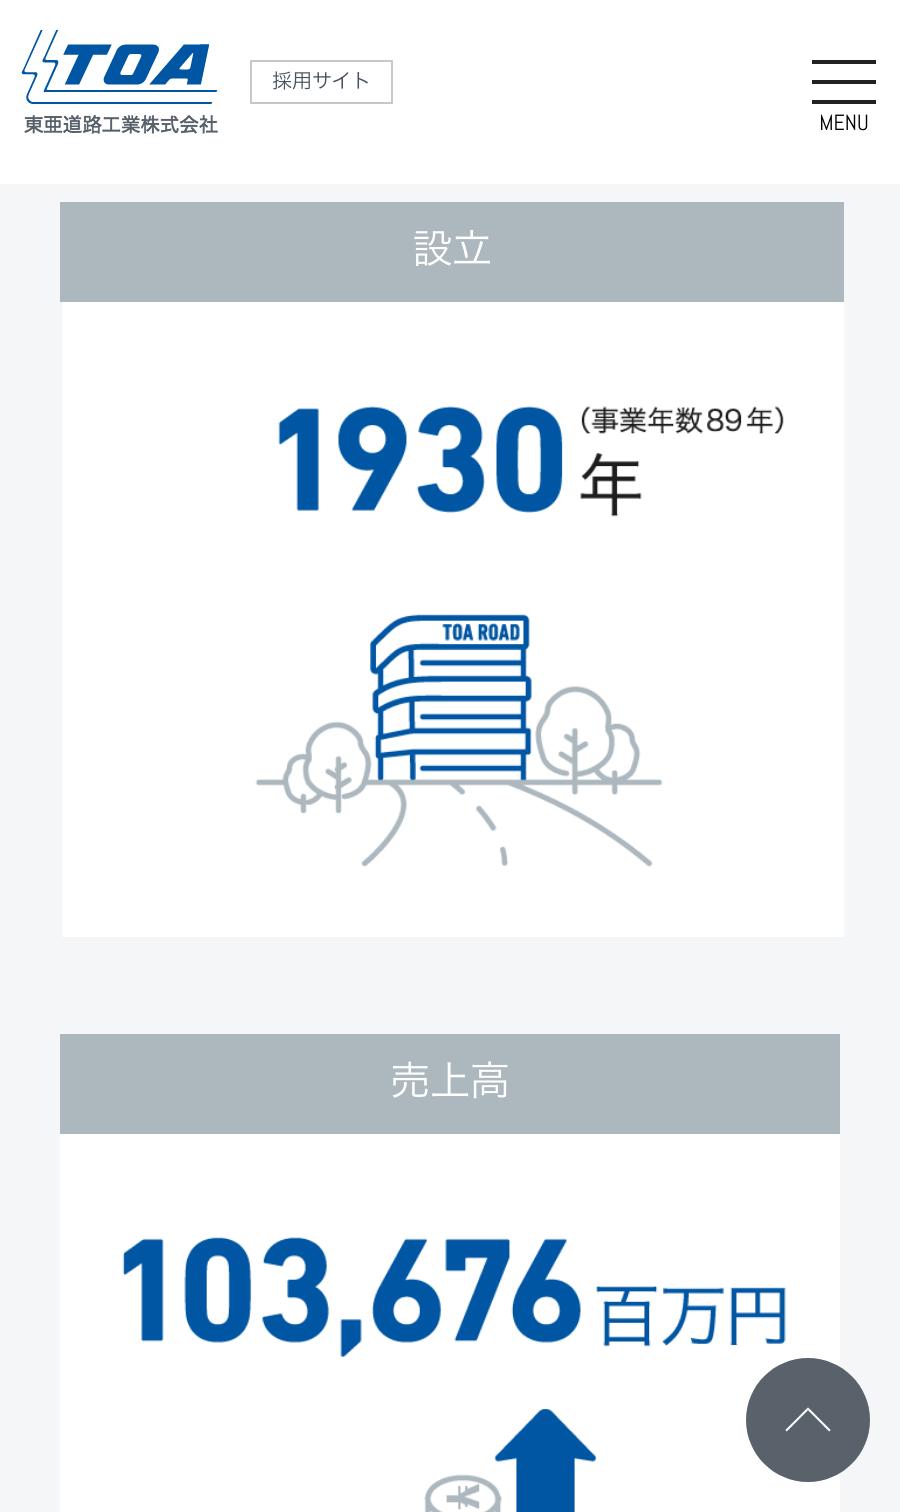 同採用サイトスマホ版|数字で見る東亜道路工業ページ